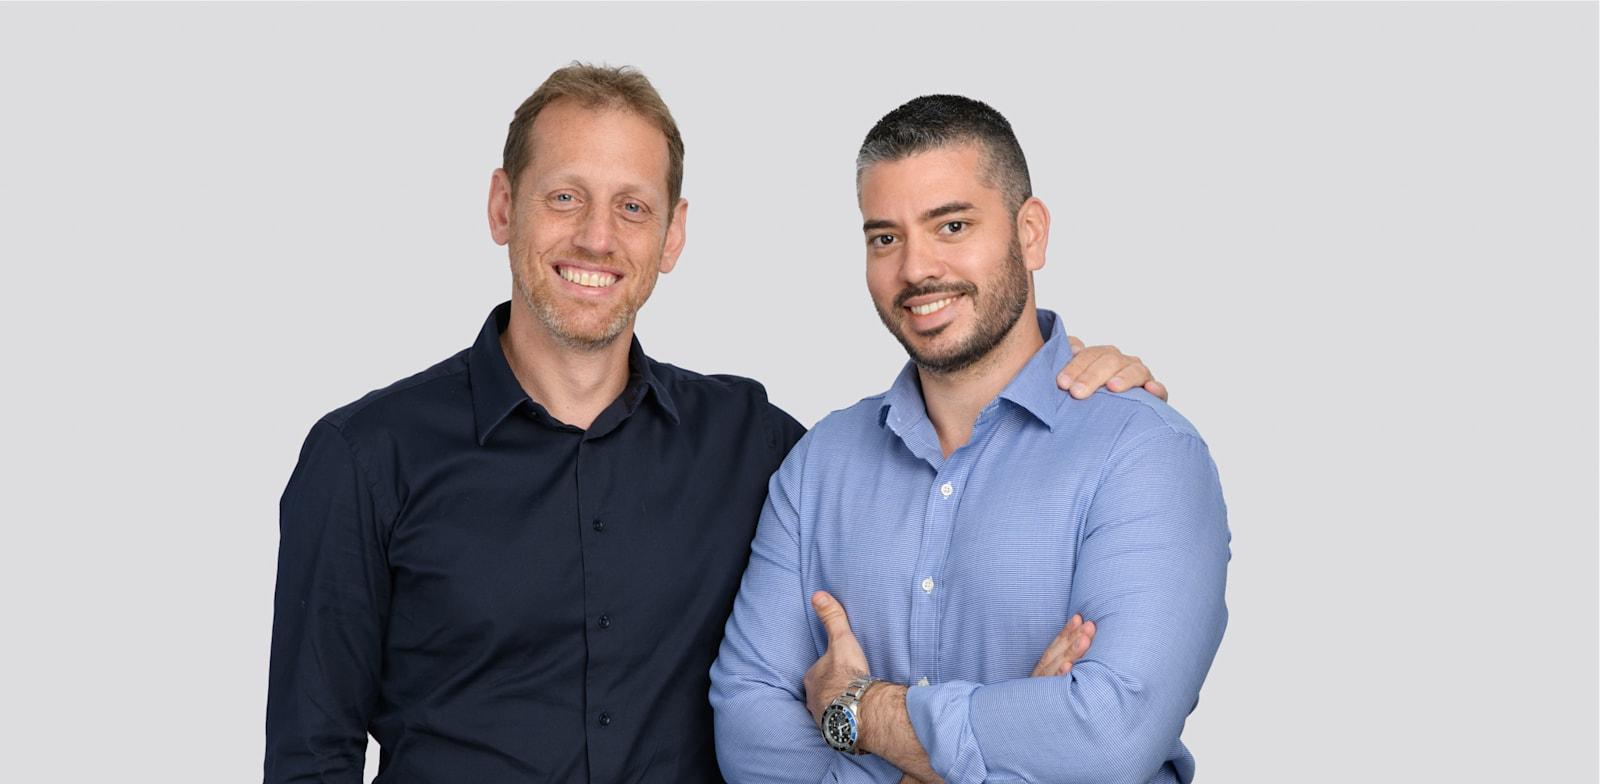 Navina founders Ronen Lavi and Shay Perera Photo: David Garb